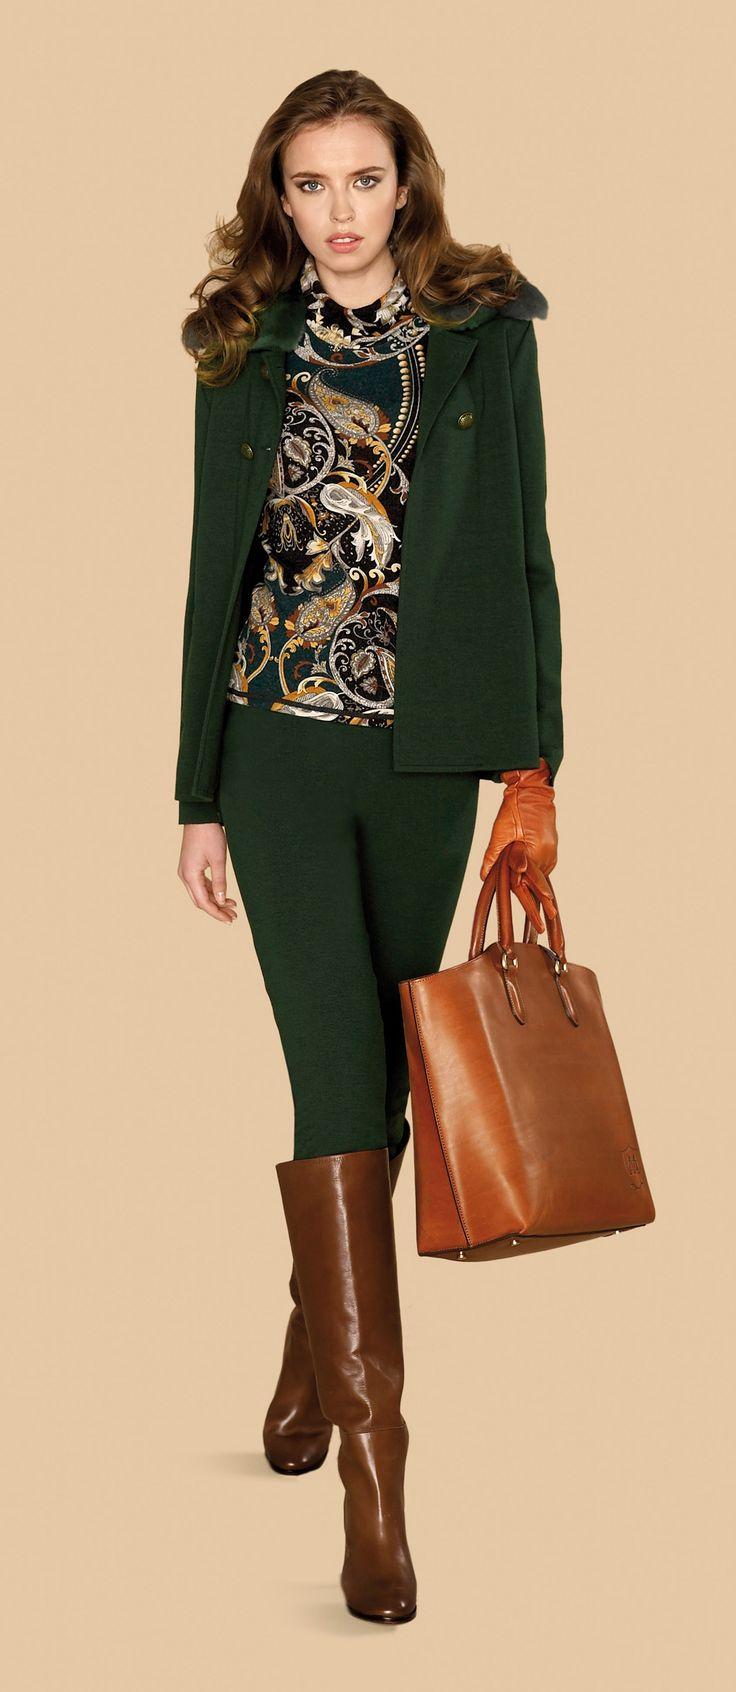 Pantalon de color verde oscuro con chaqueta a juego y jersey estampado #trend #fall #winter #2013